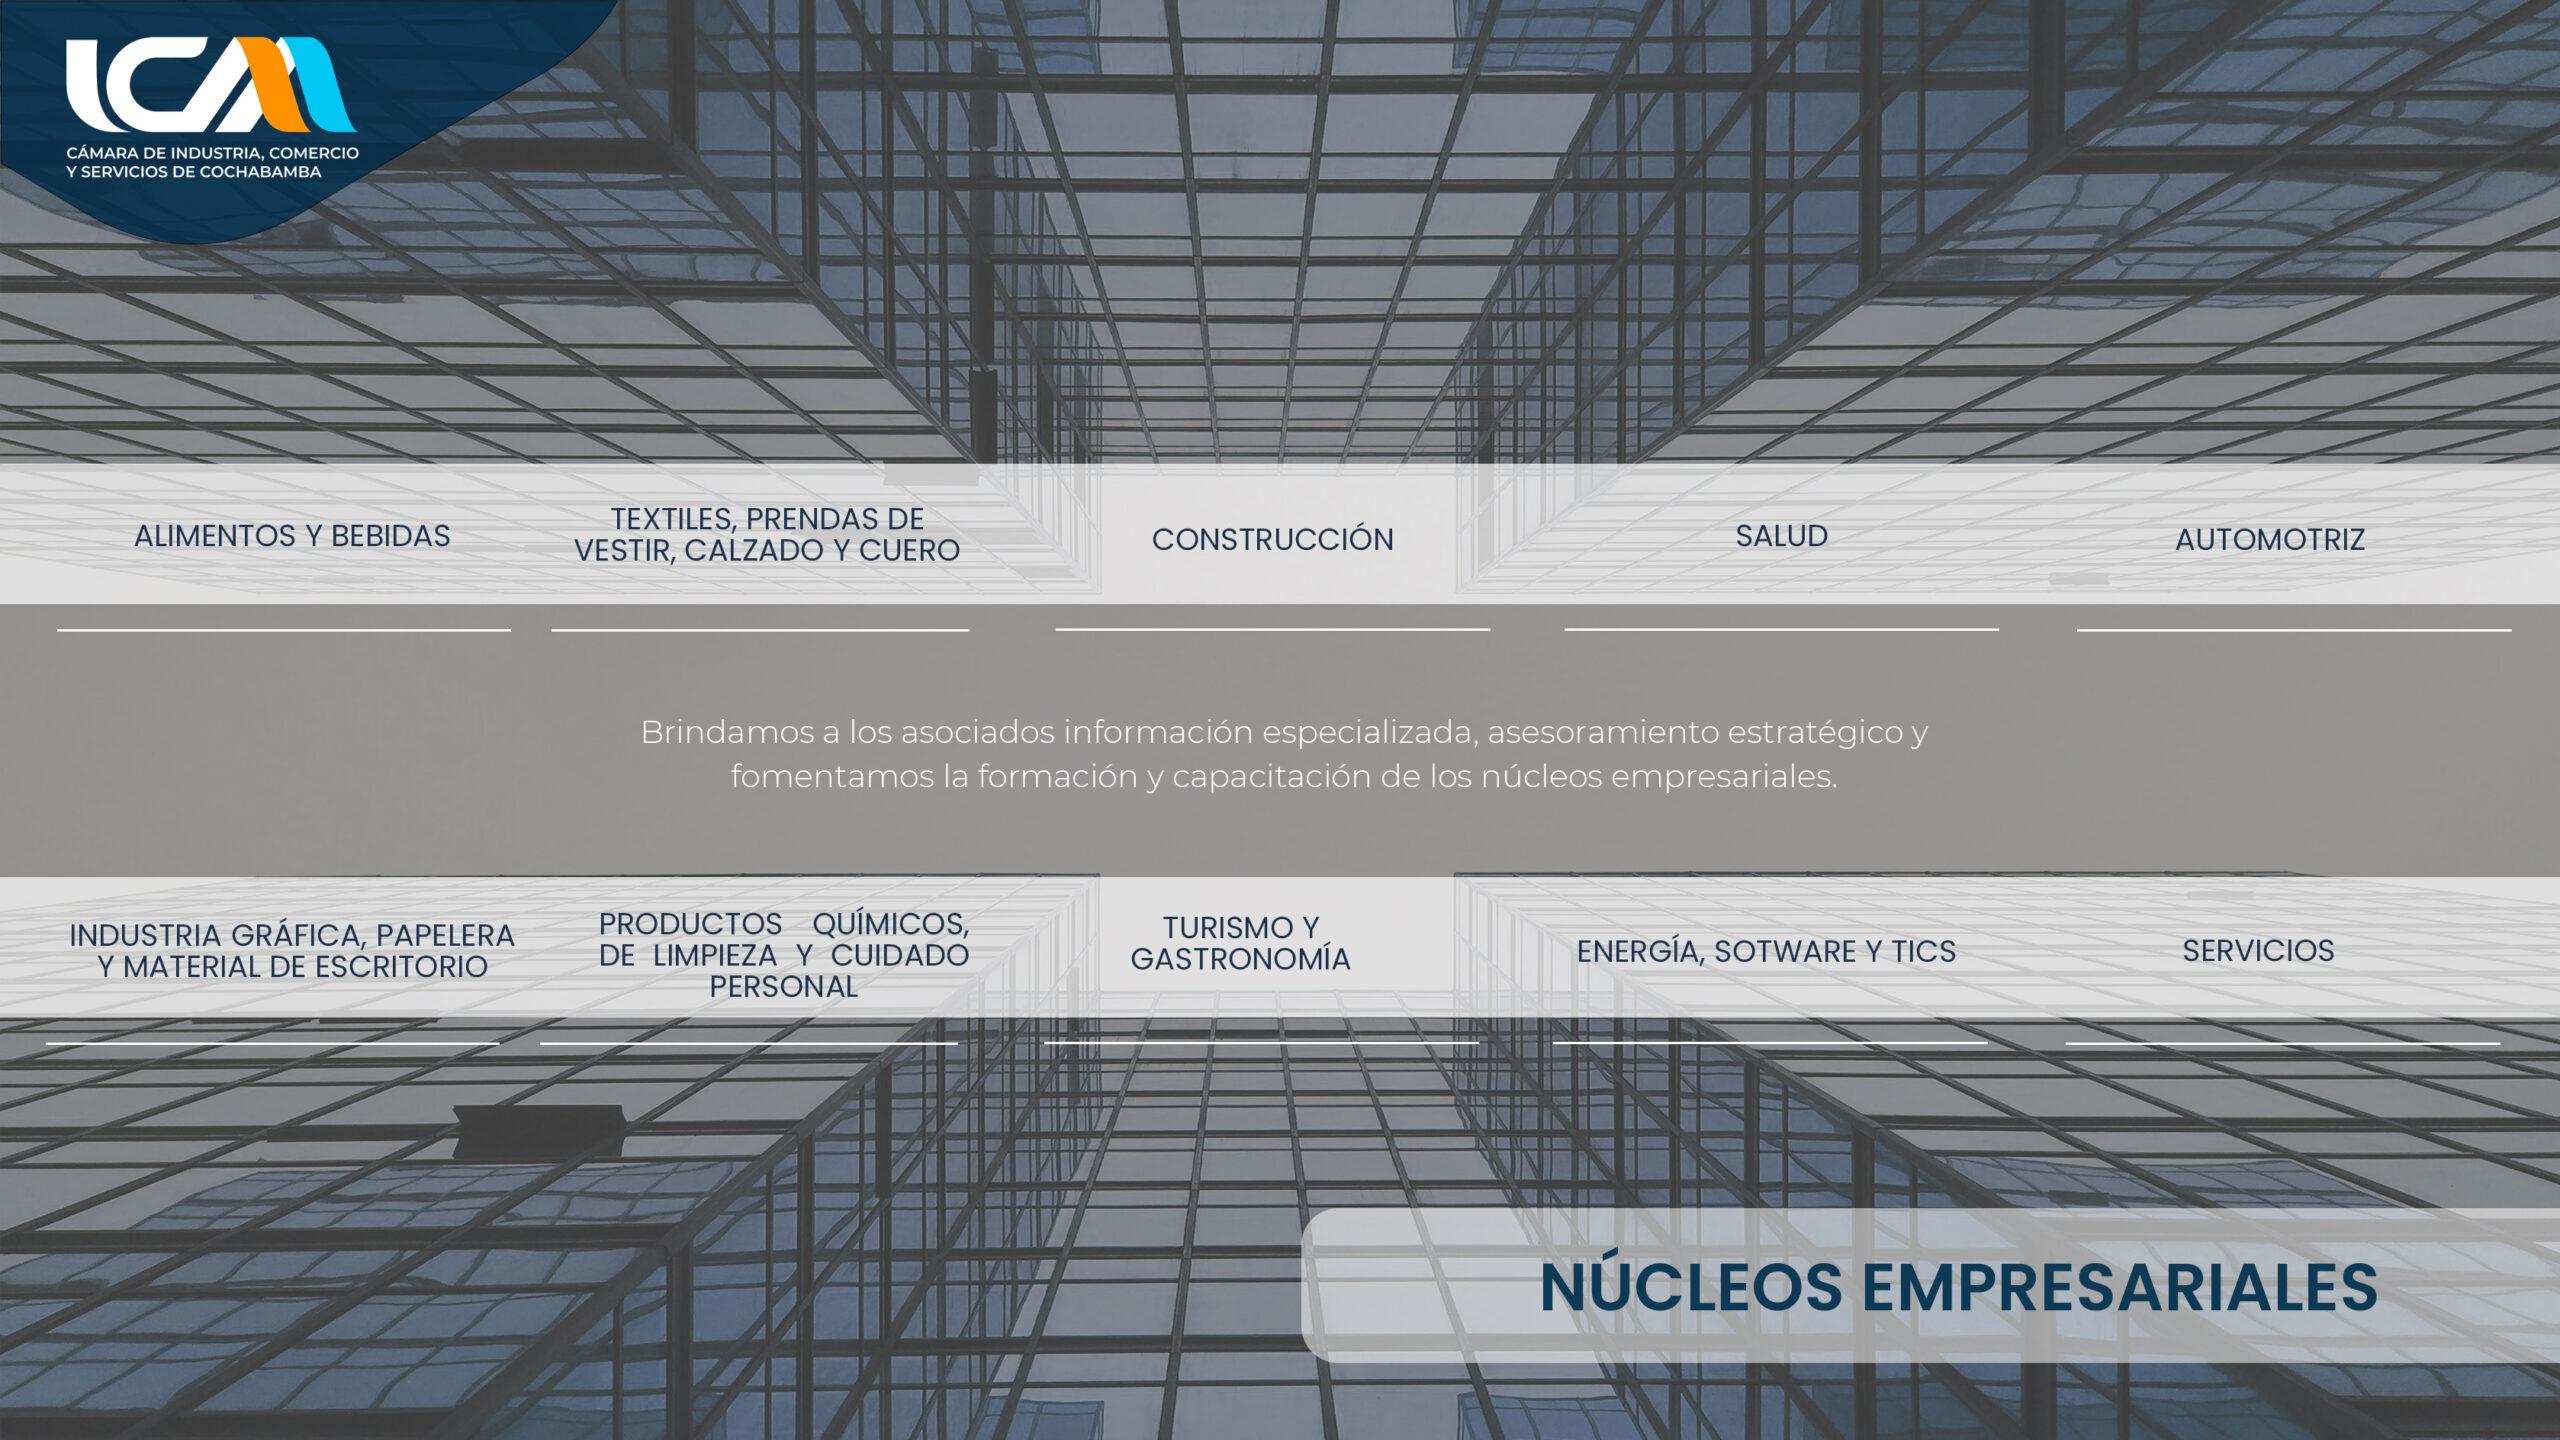 NUCLEOS EMPRESARIALES